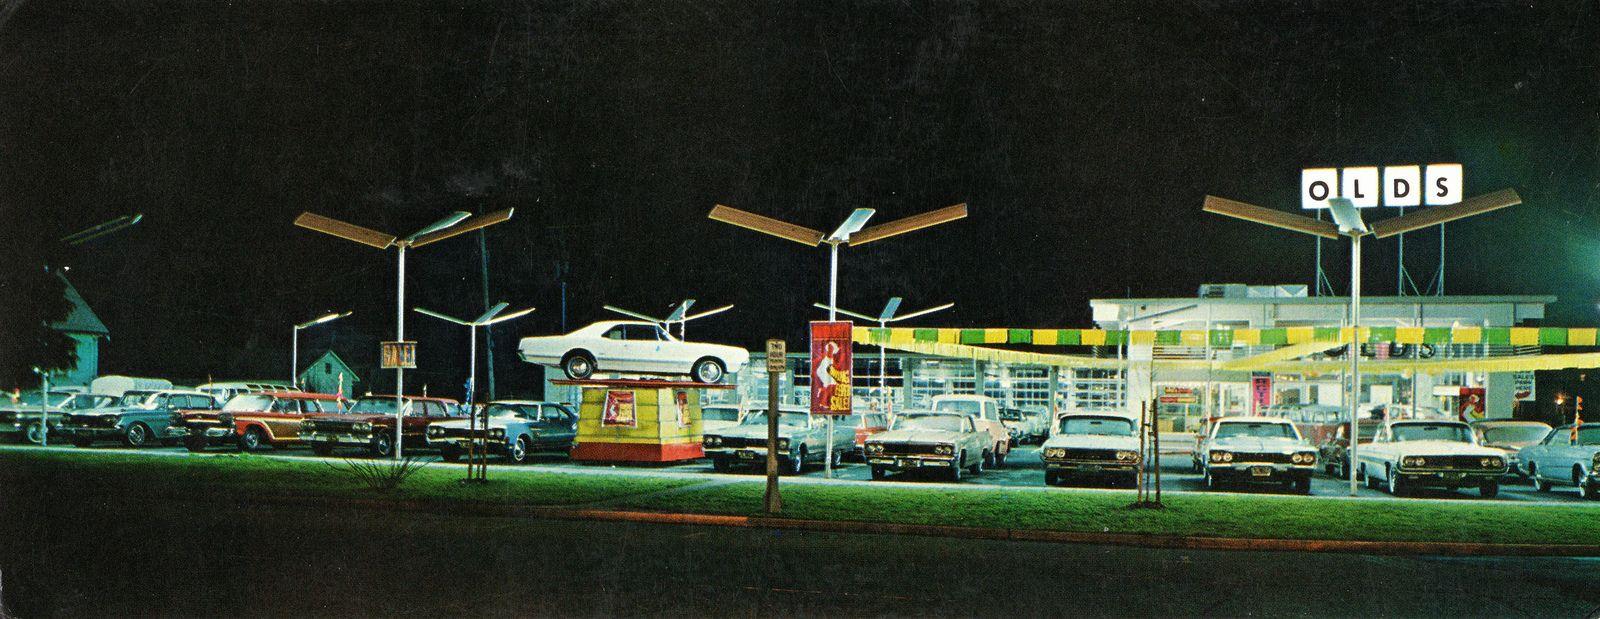 Loder Oldsmobile Co., Salem OR, 1967 Oldsmobile, Car